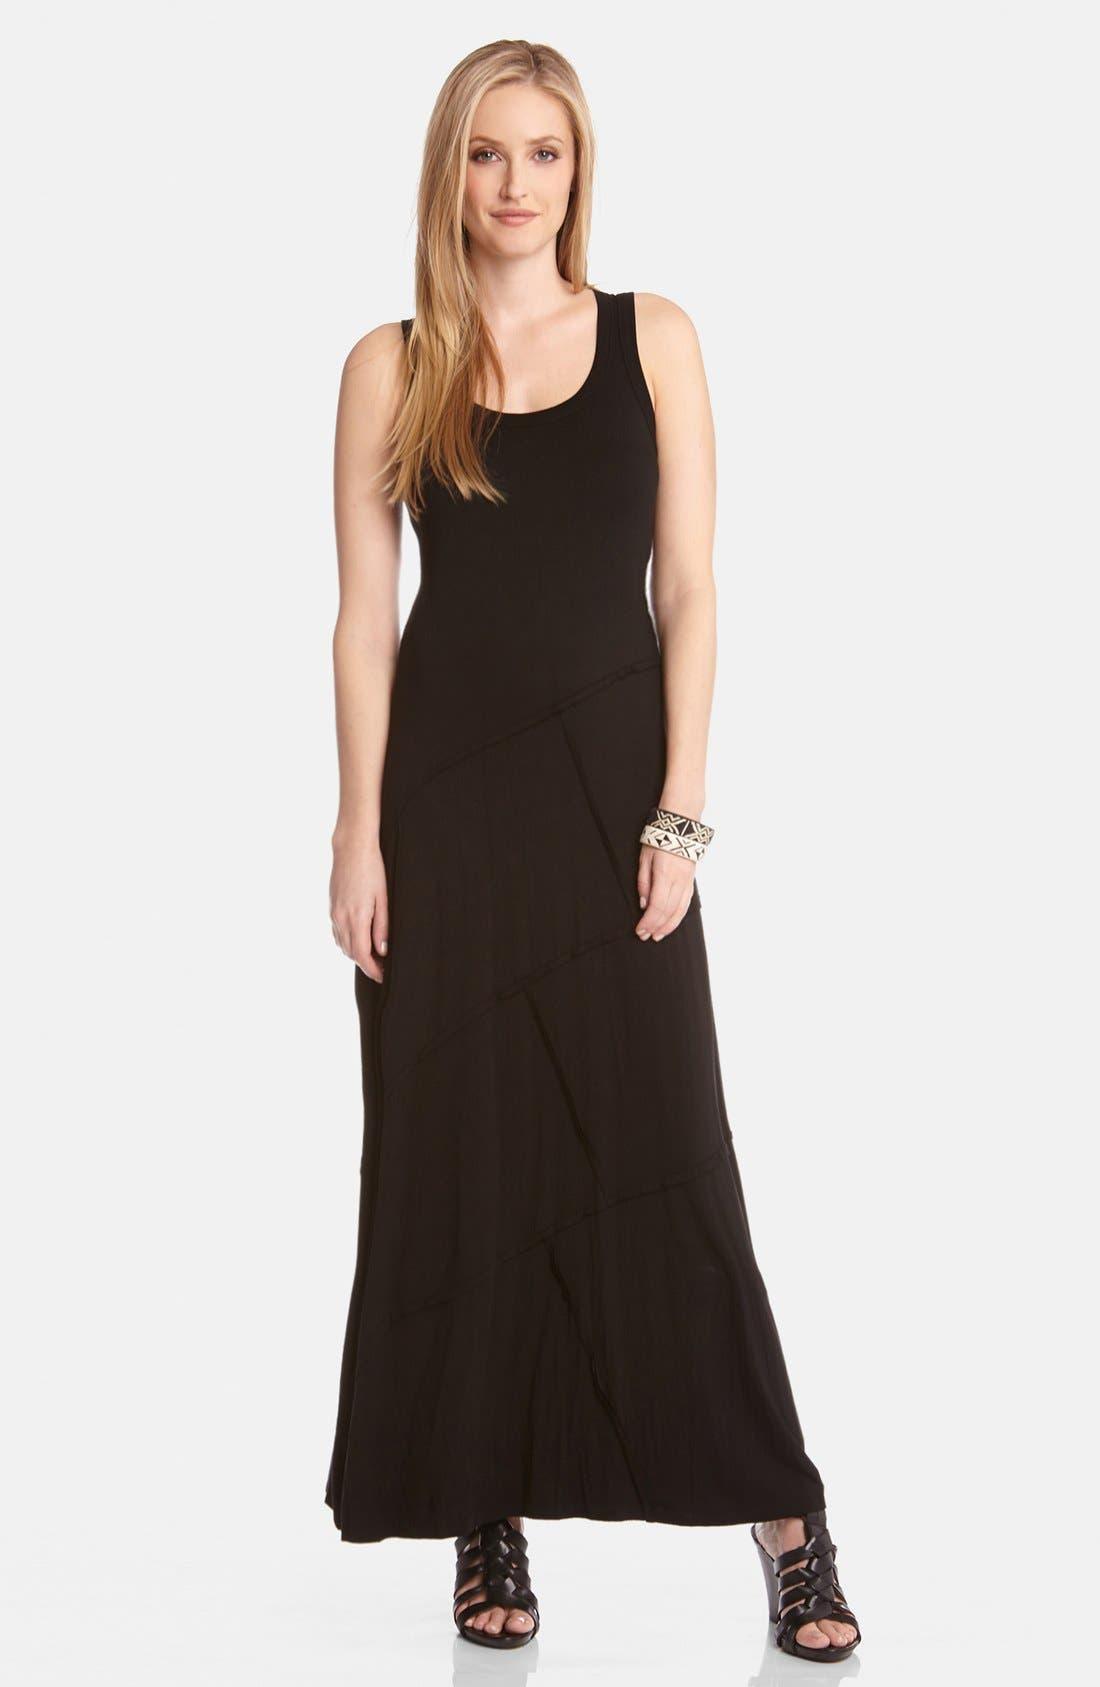 Alternate Image 1 Selected - Karen Kane 'Carolyn' Reverse Seam Maxi Dress